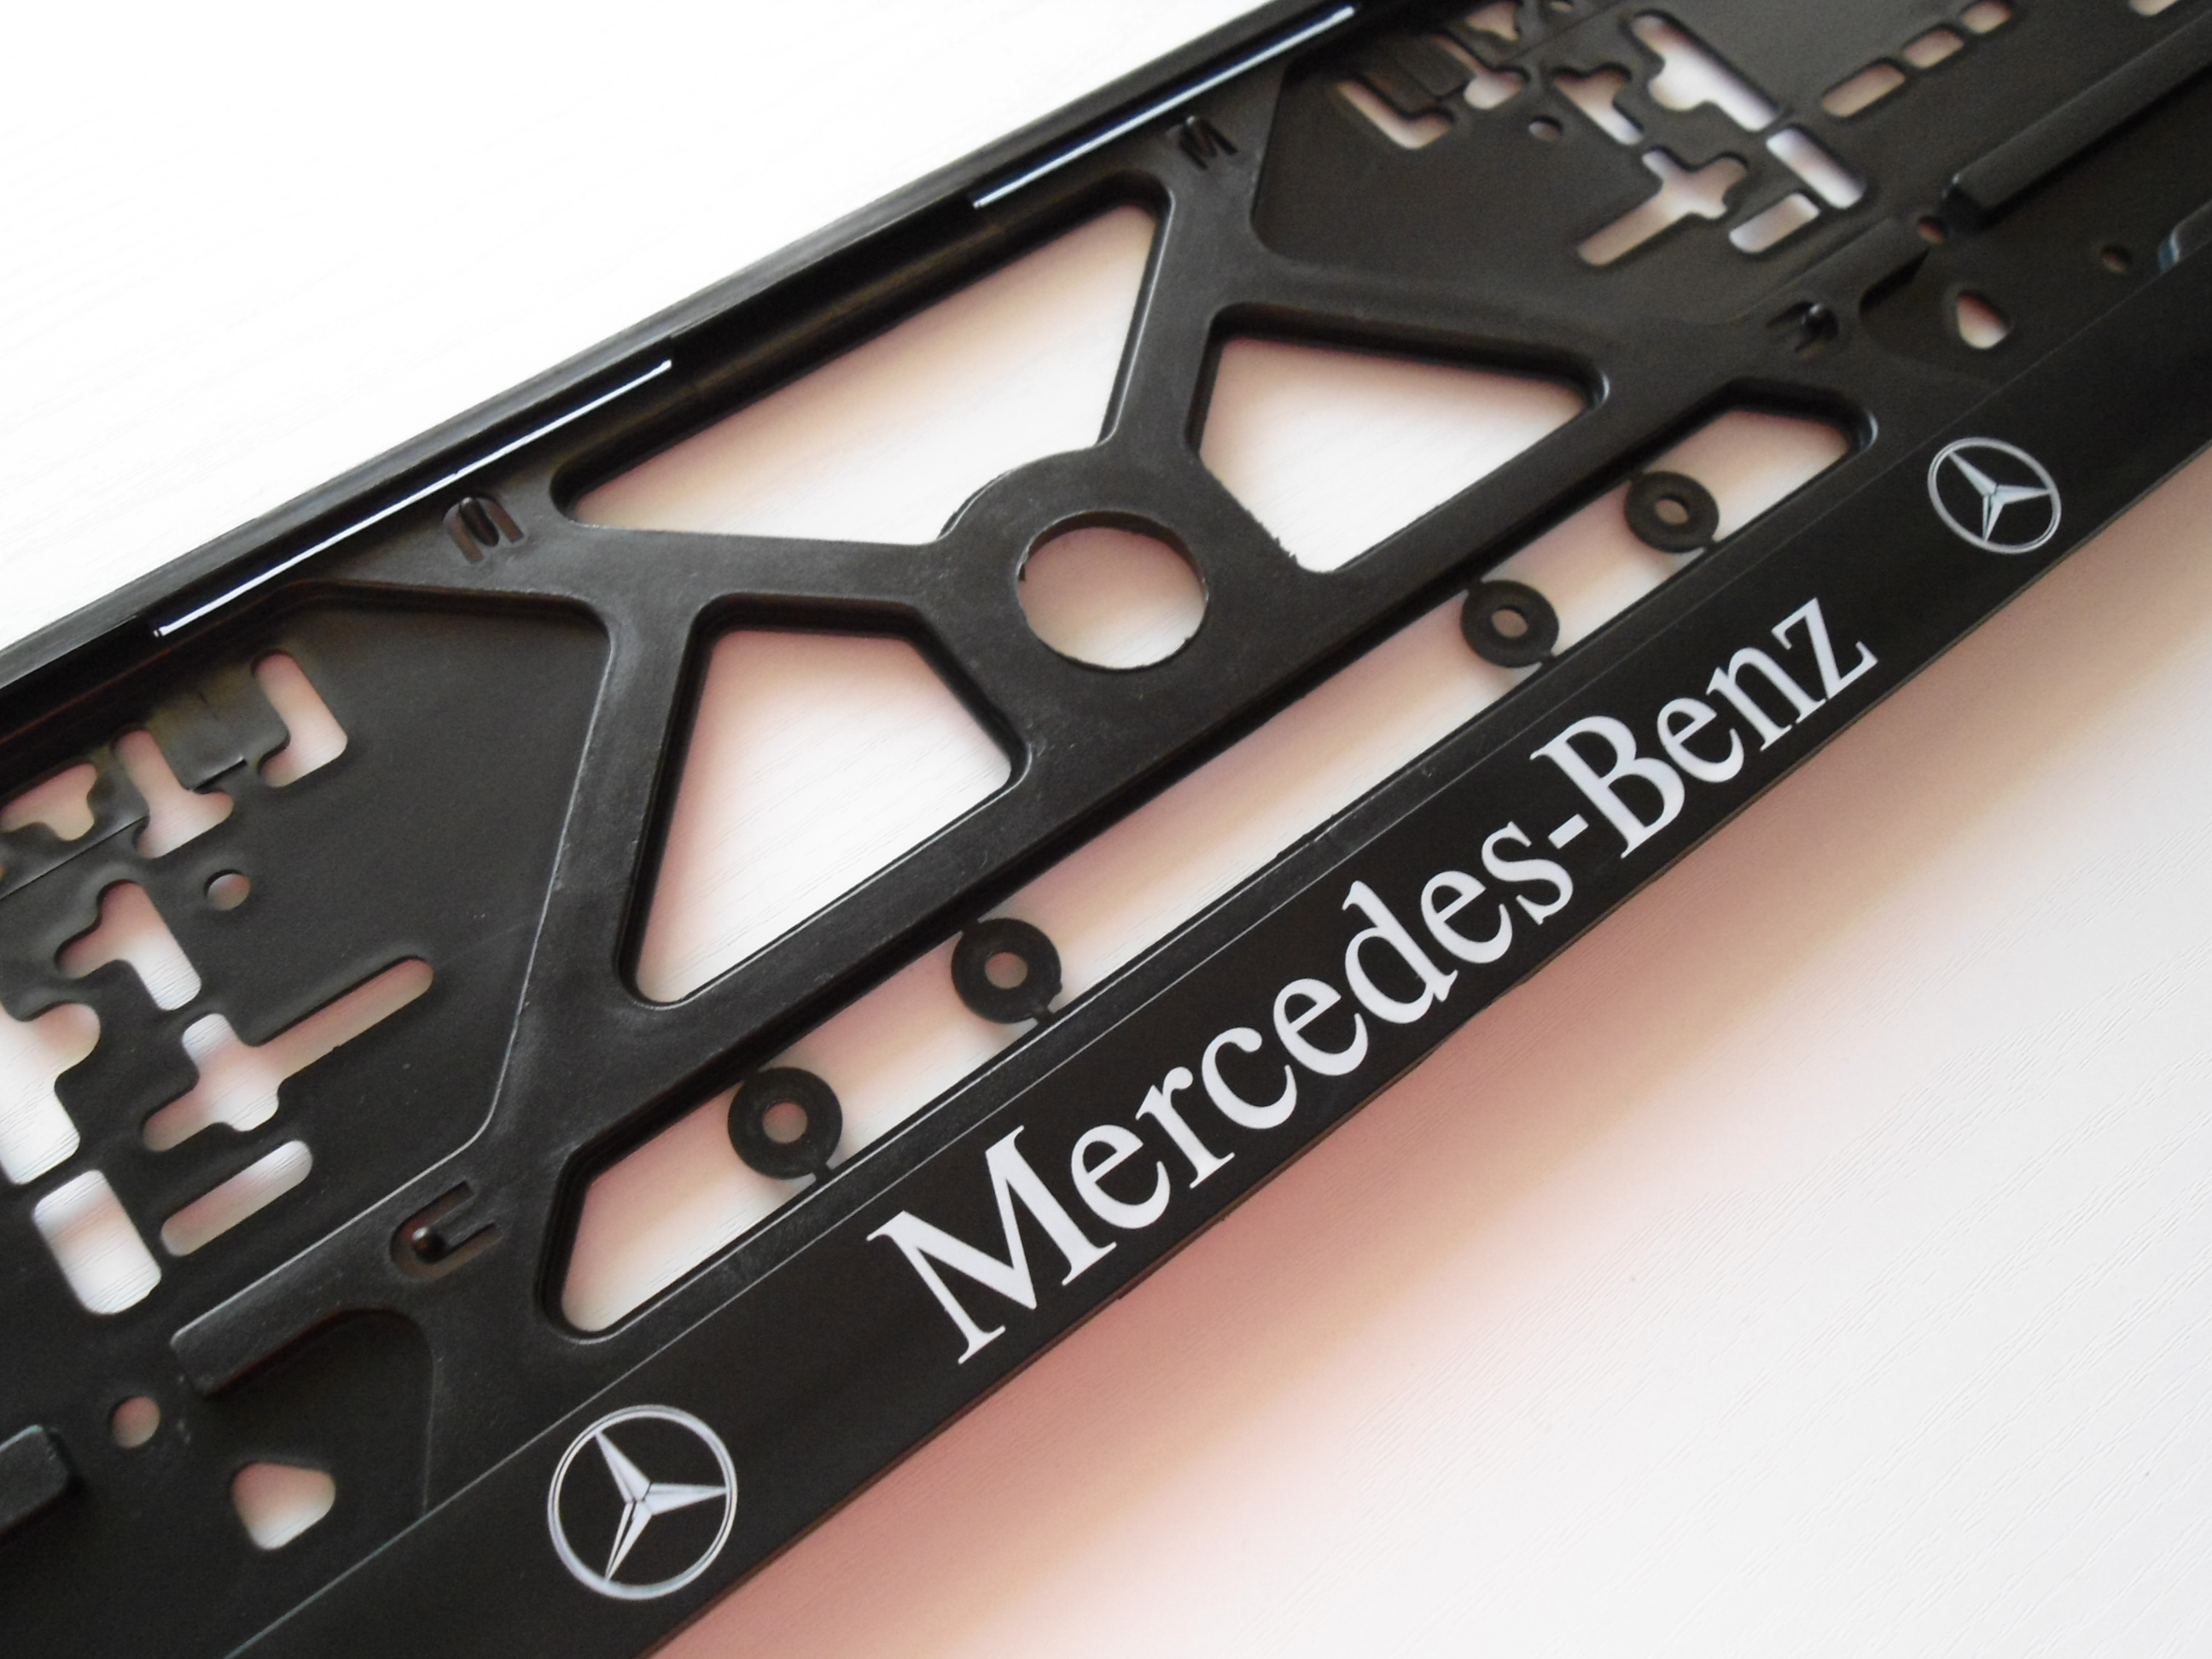 Mercedes benz new number plate frame holder surround for Mercedes benz number plate holder